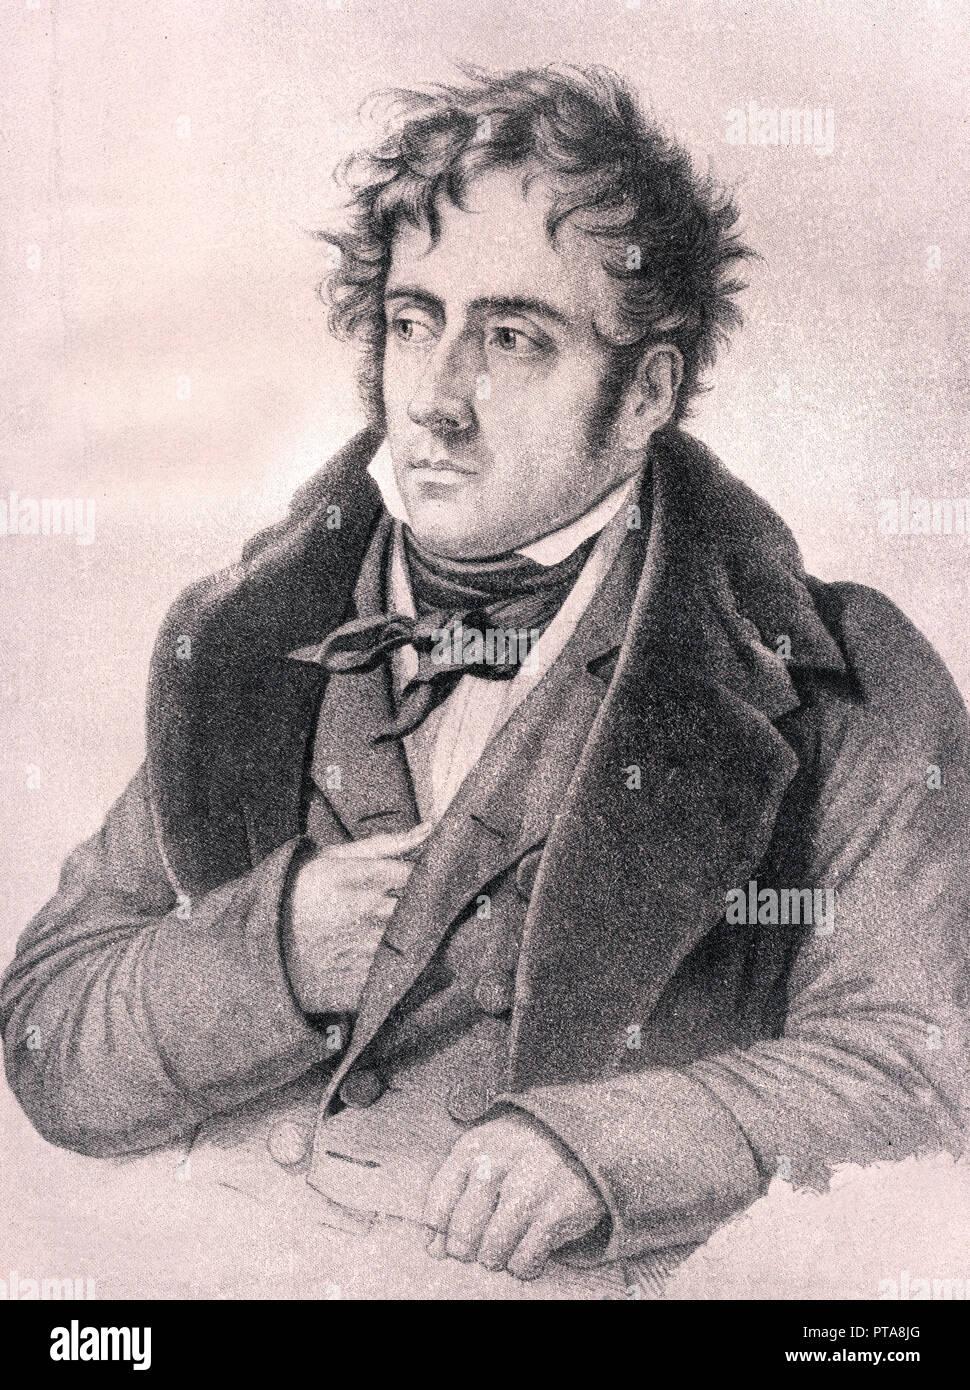 François René de Chateaubriand - französischer Schriftsteller, Politiker und Diplomat, ultra-Royalistischen, Viscount, Französisch Peer, konservativ, einer der ersten represe Stockbild